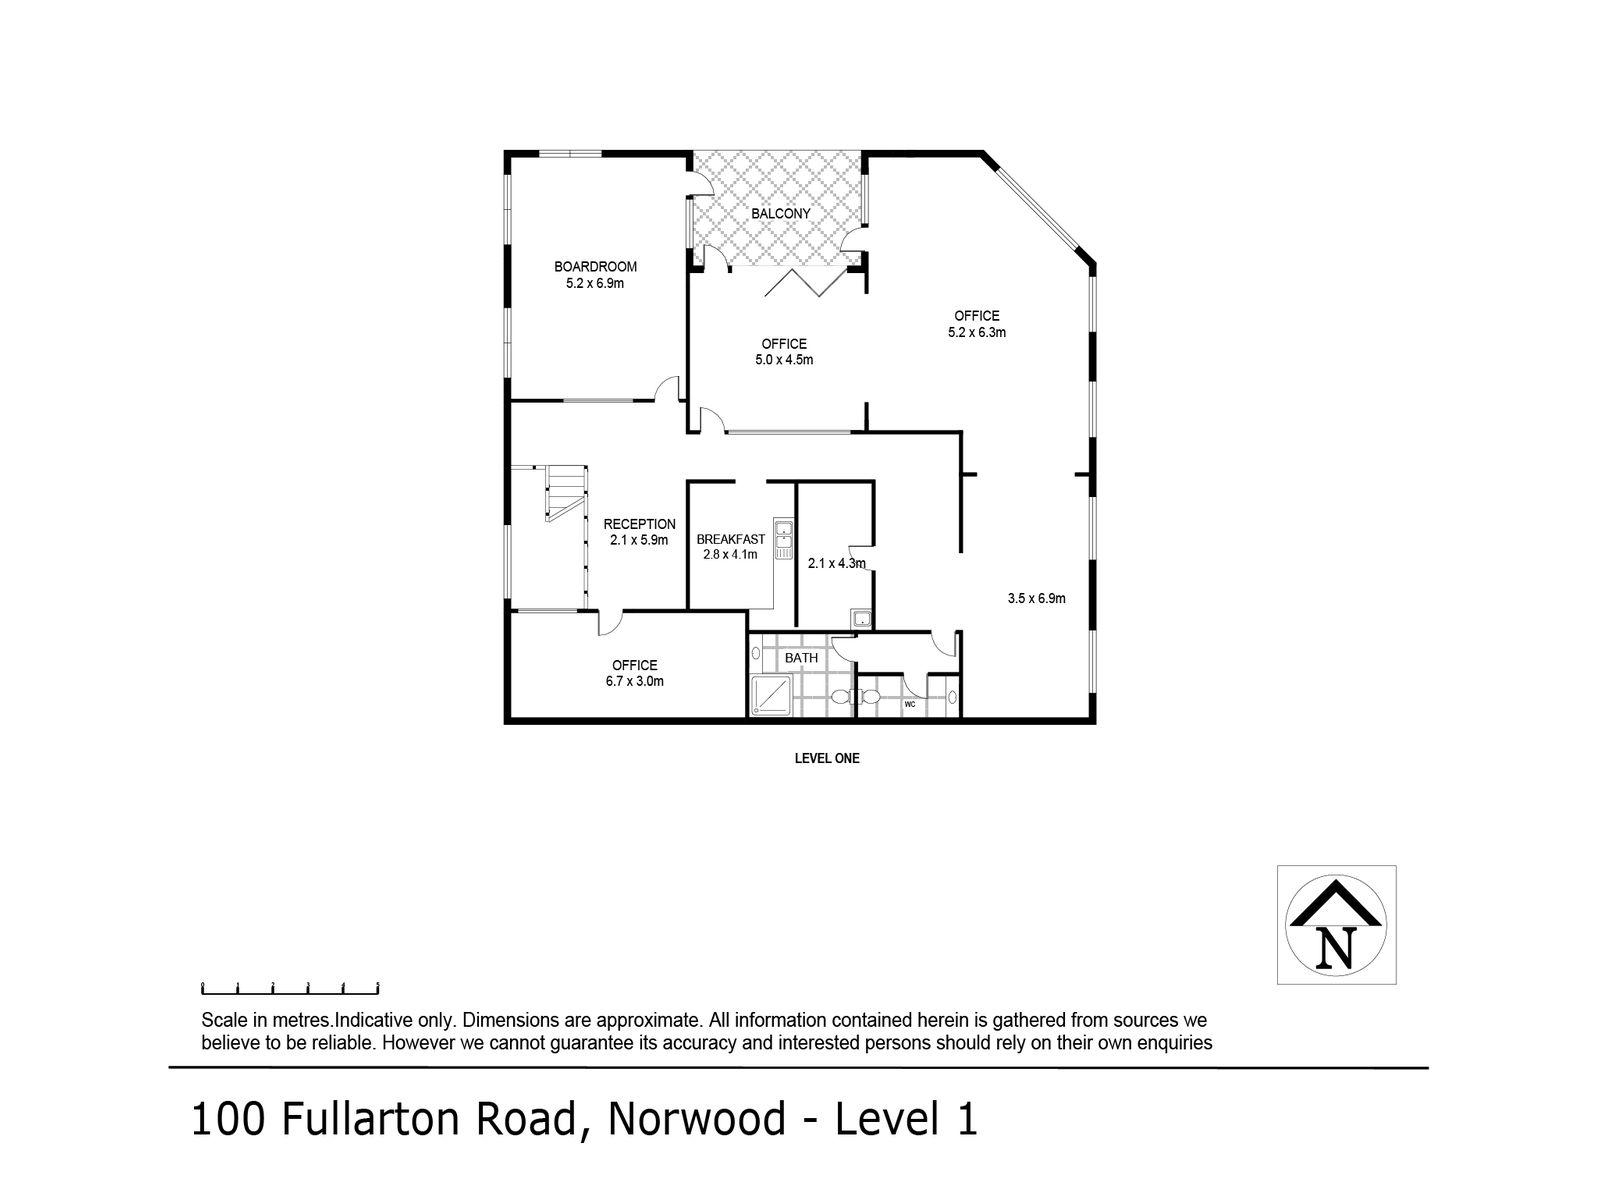 100 Fullarton Road, Norwood